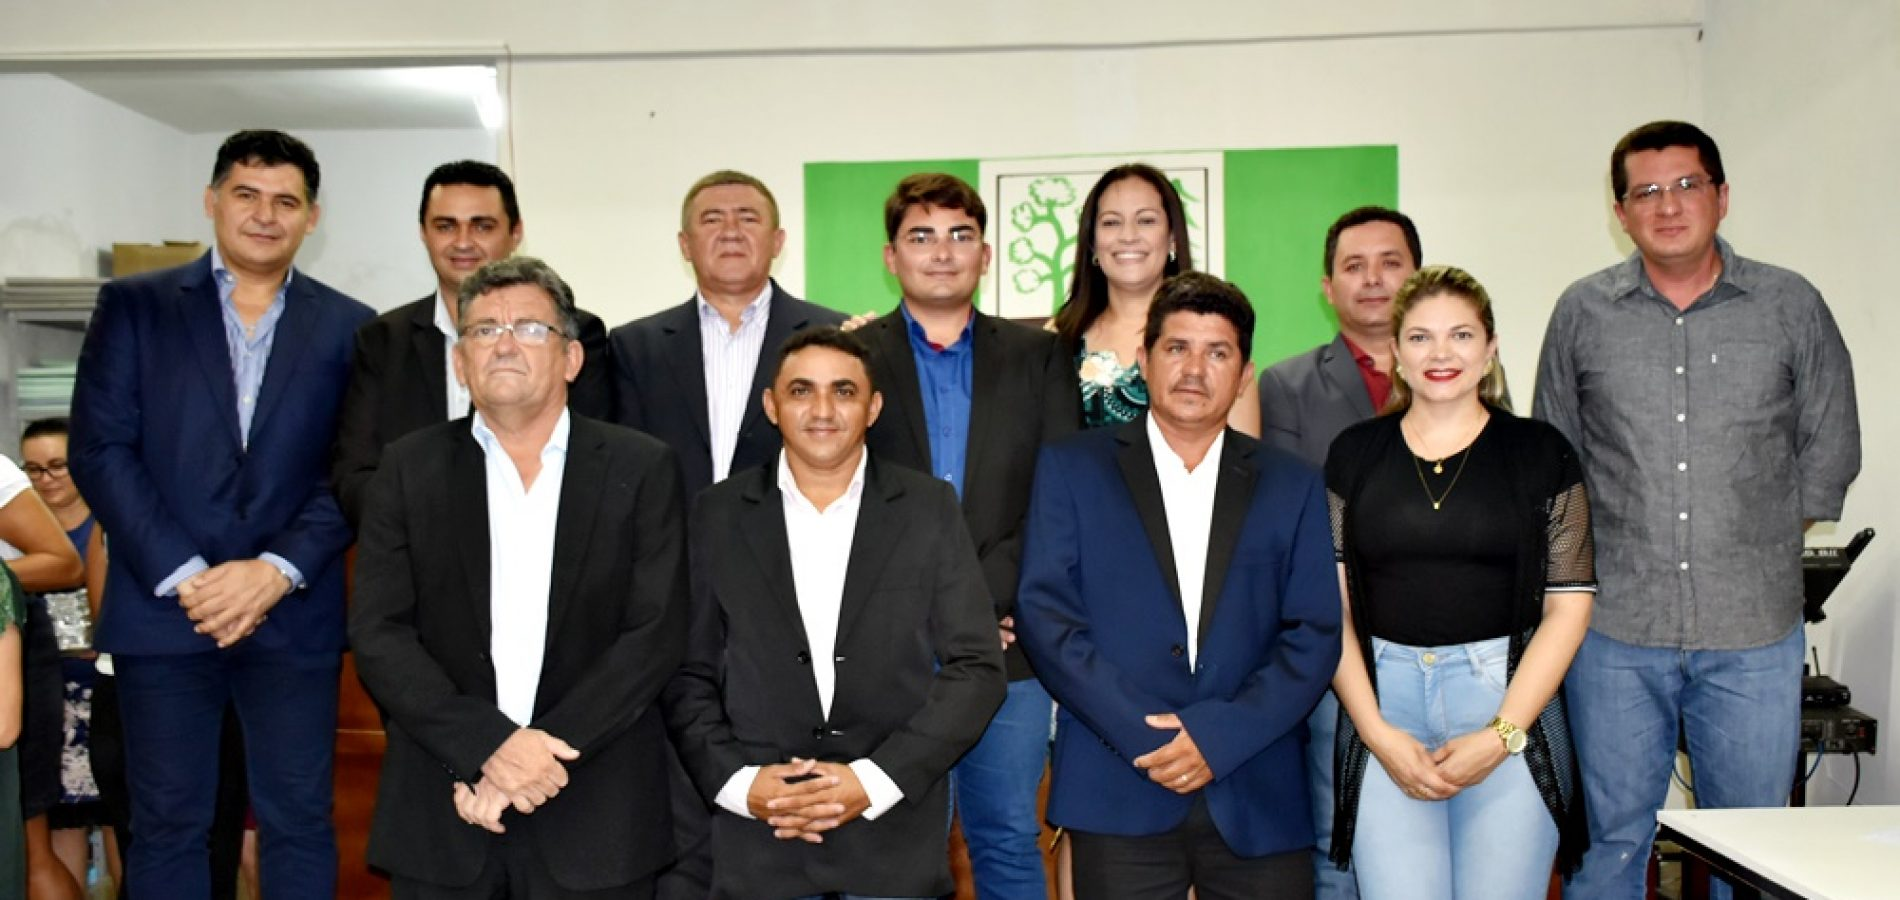 Câmara de São Julião realiza sessão de abertura dos trabalhos legislativos e vota cinco projetos. Veja!